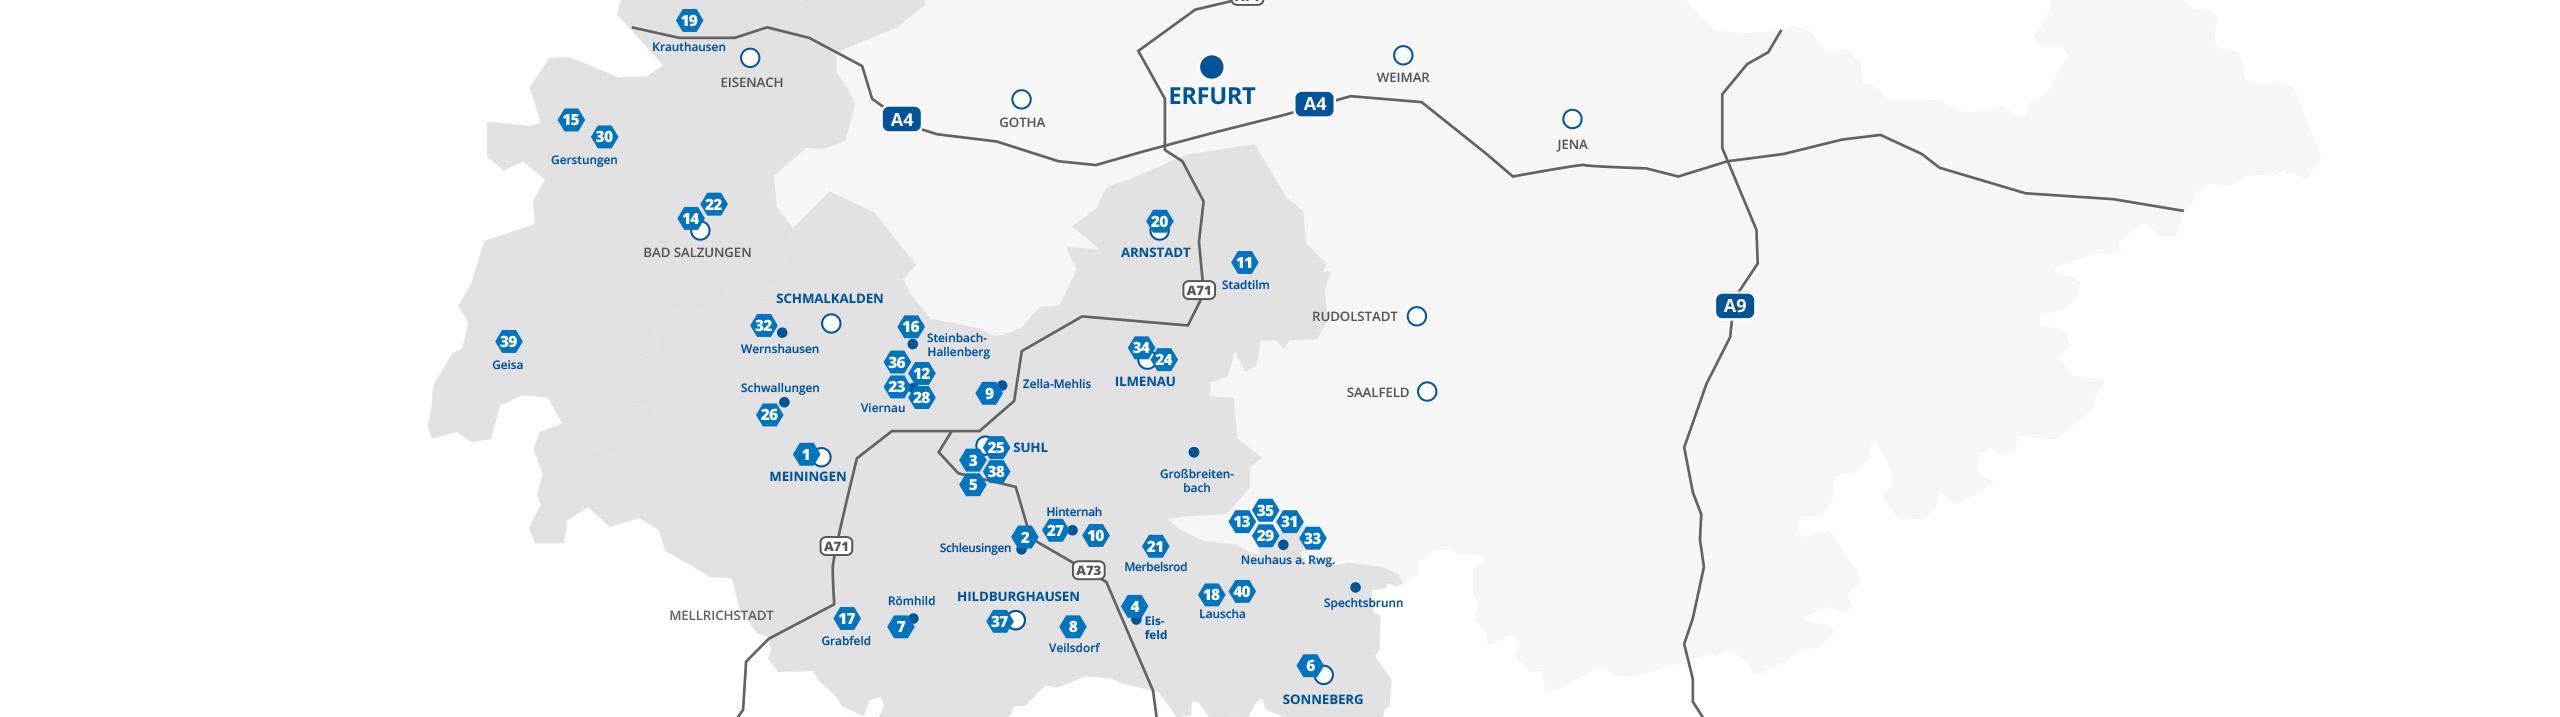 Eine Karte von Südthüringen zeigt die Standorte der Unternehmen, die bei INDUSTRIE INTOUCH 2021 teilnehmen